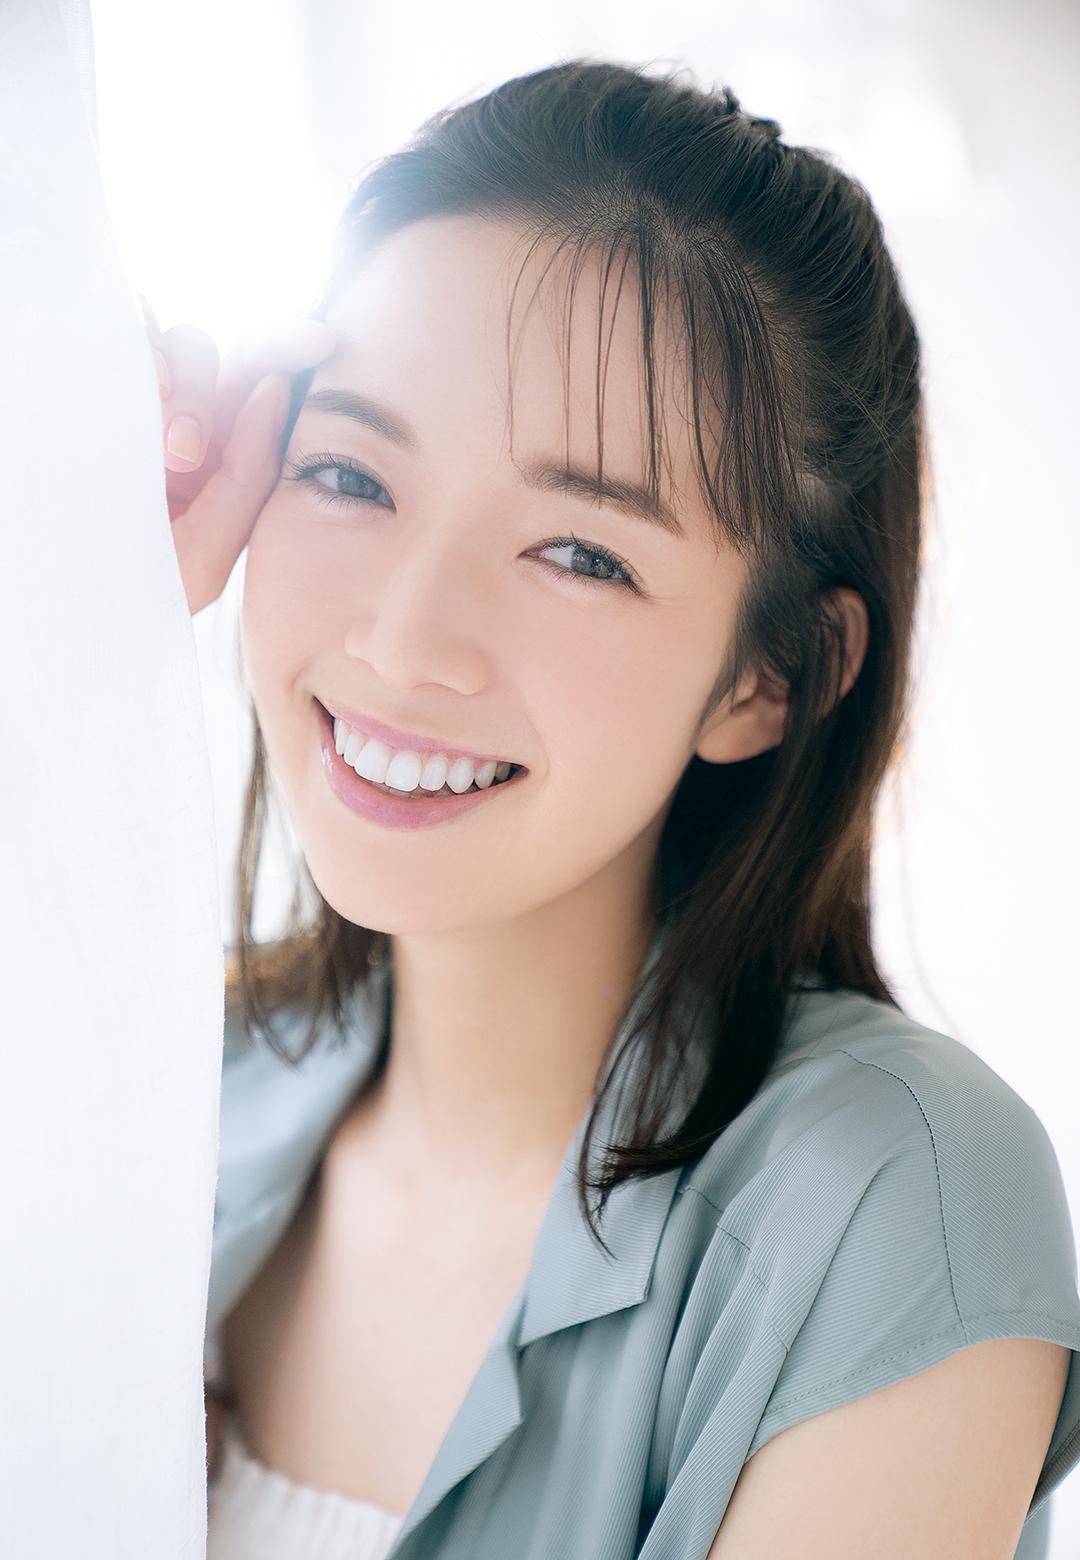 佐藤栞里さん×『カルテHD』で笑顔あふれるハッピー肌な毎日_7